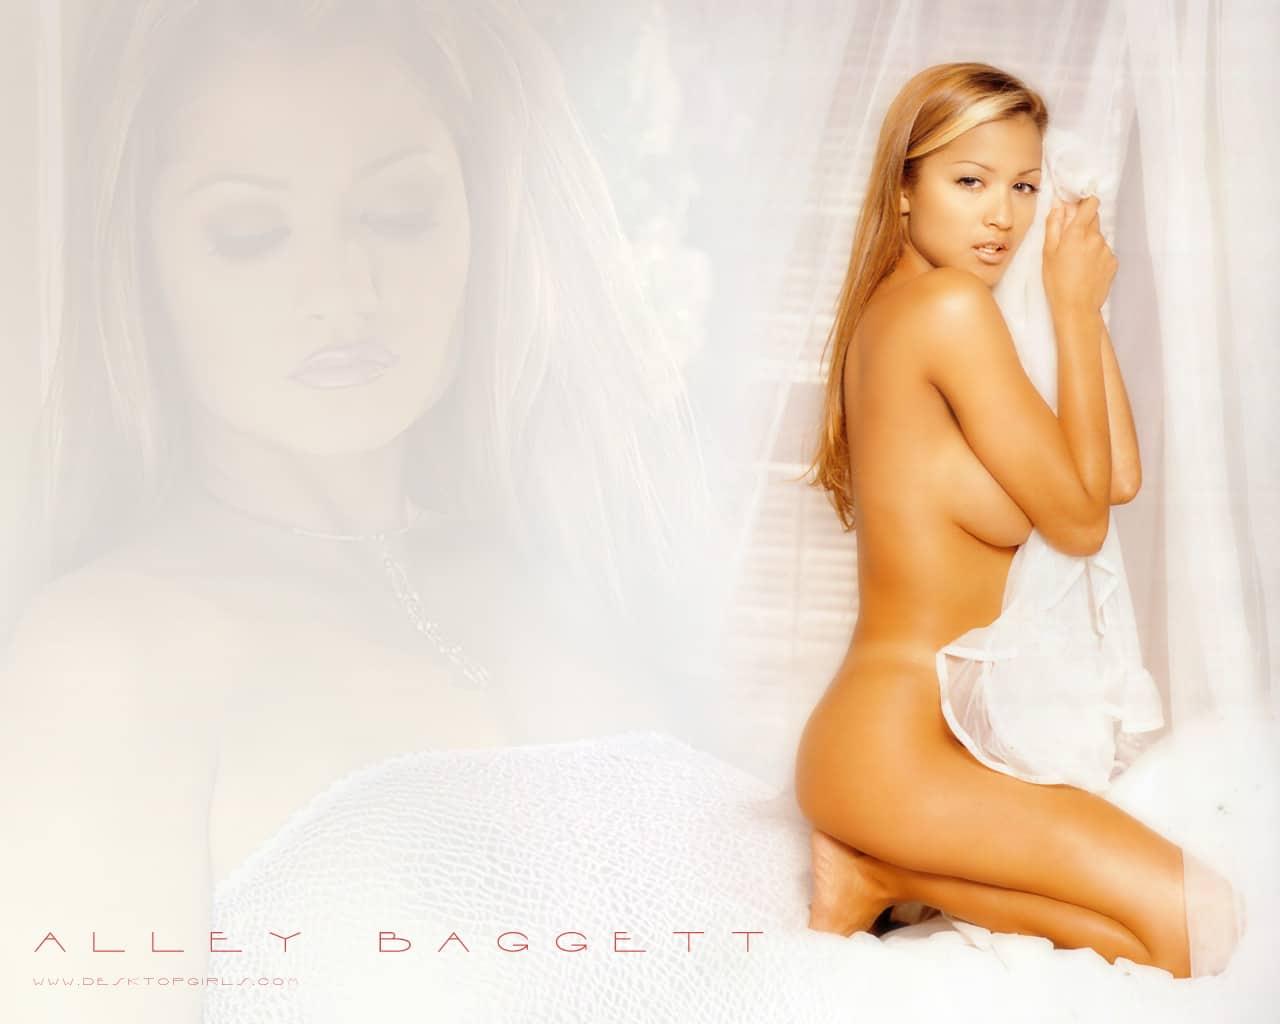 Alley Baggett